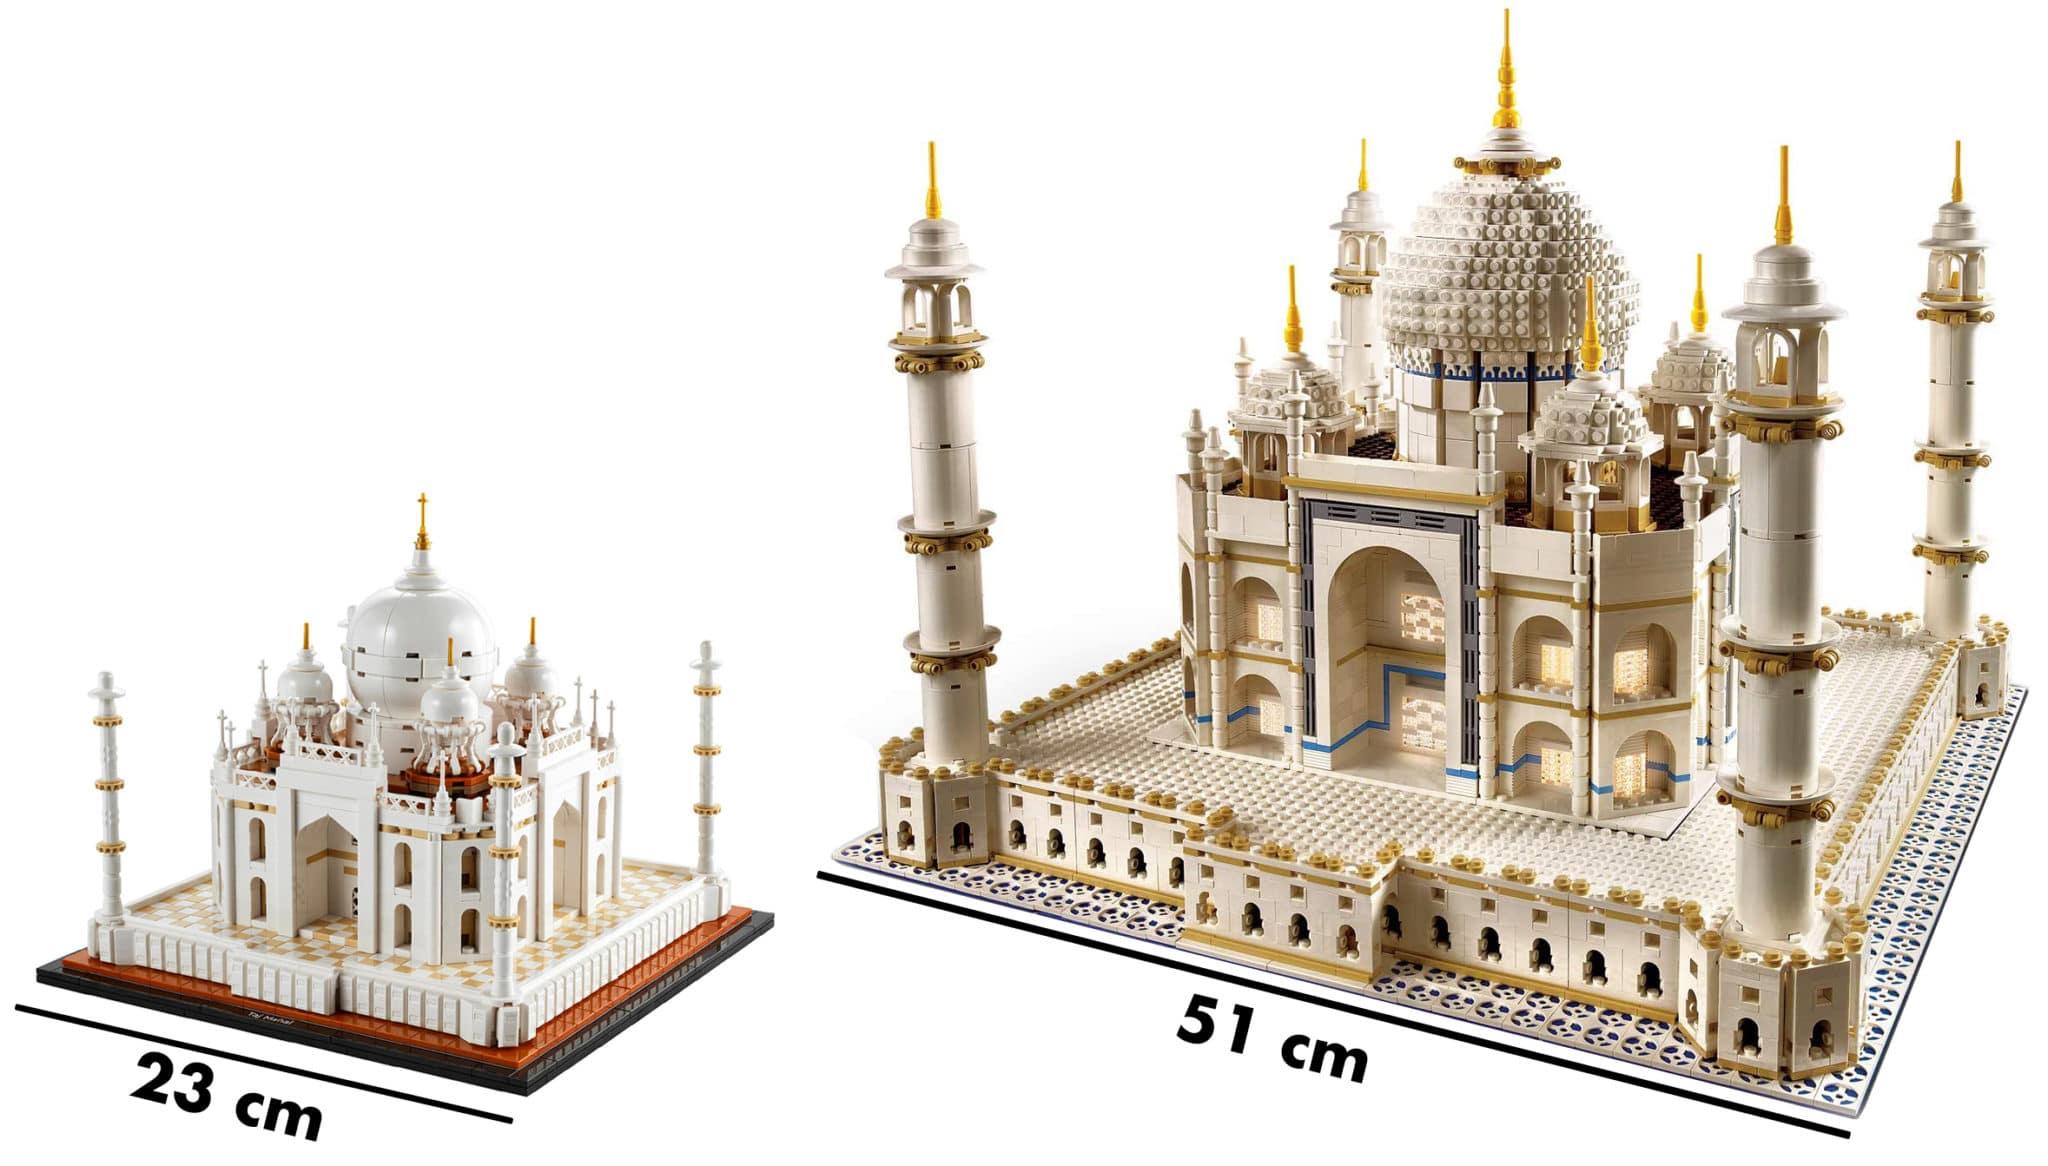 Comparación de tamaño de LEGO Taj Mahal